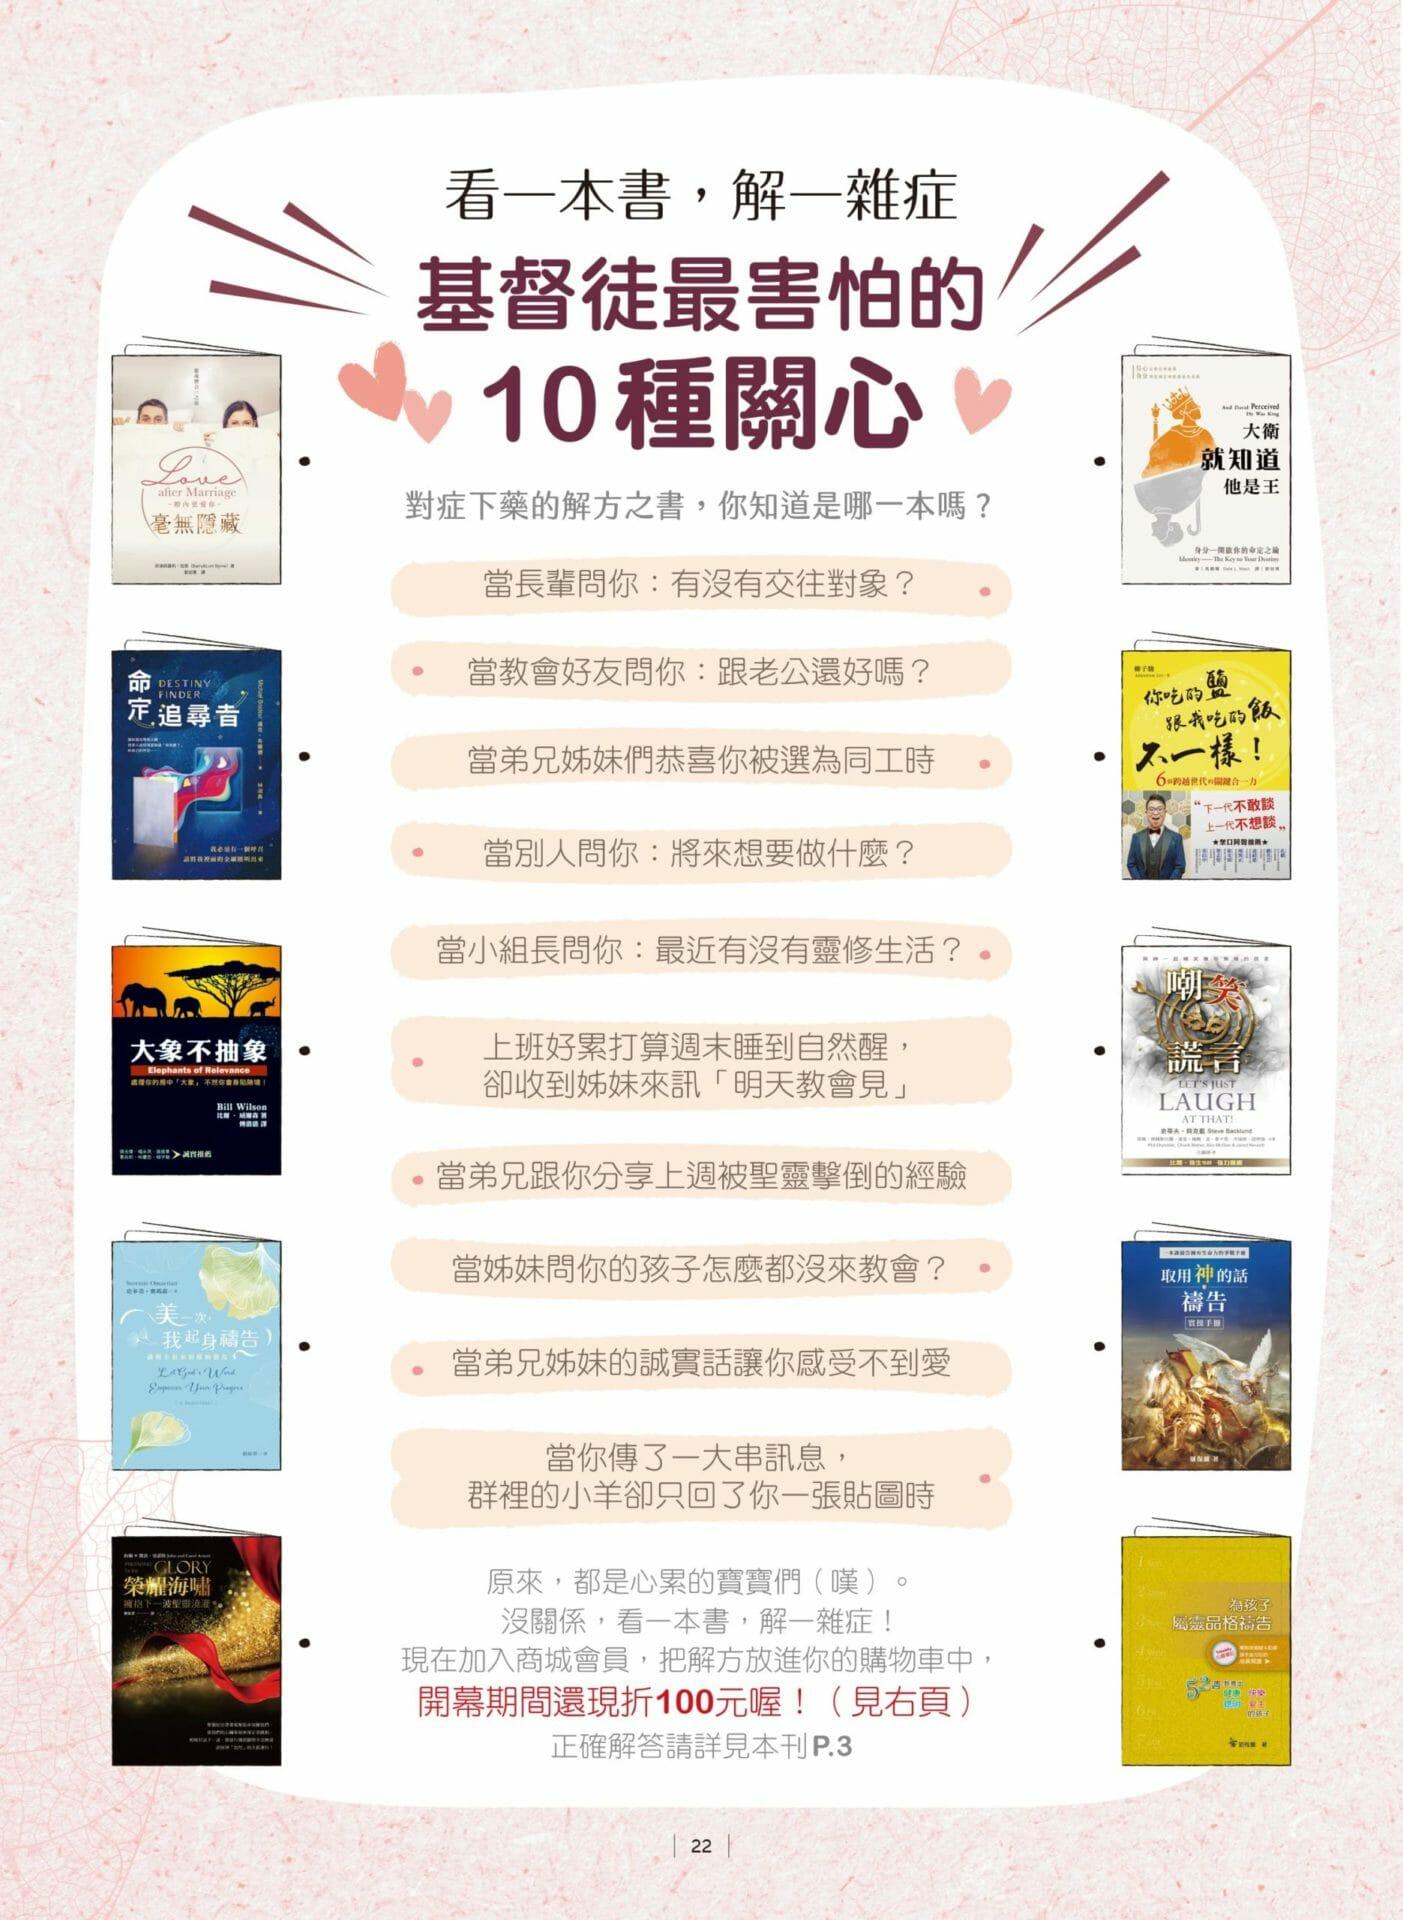 天恩-2020悅讀夏季刊22